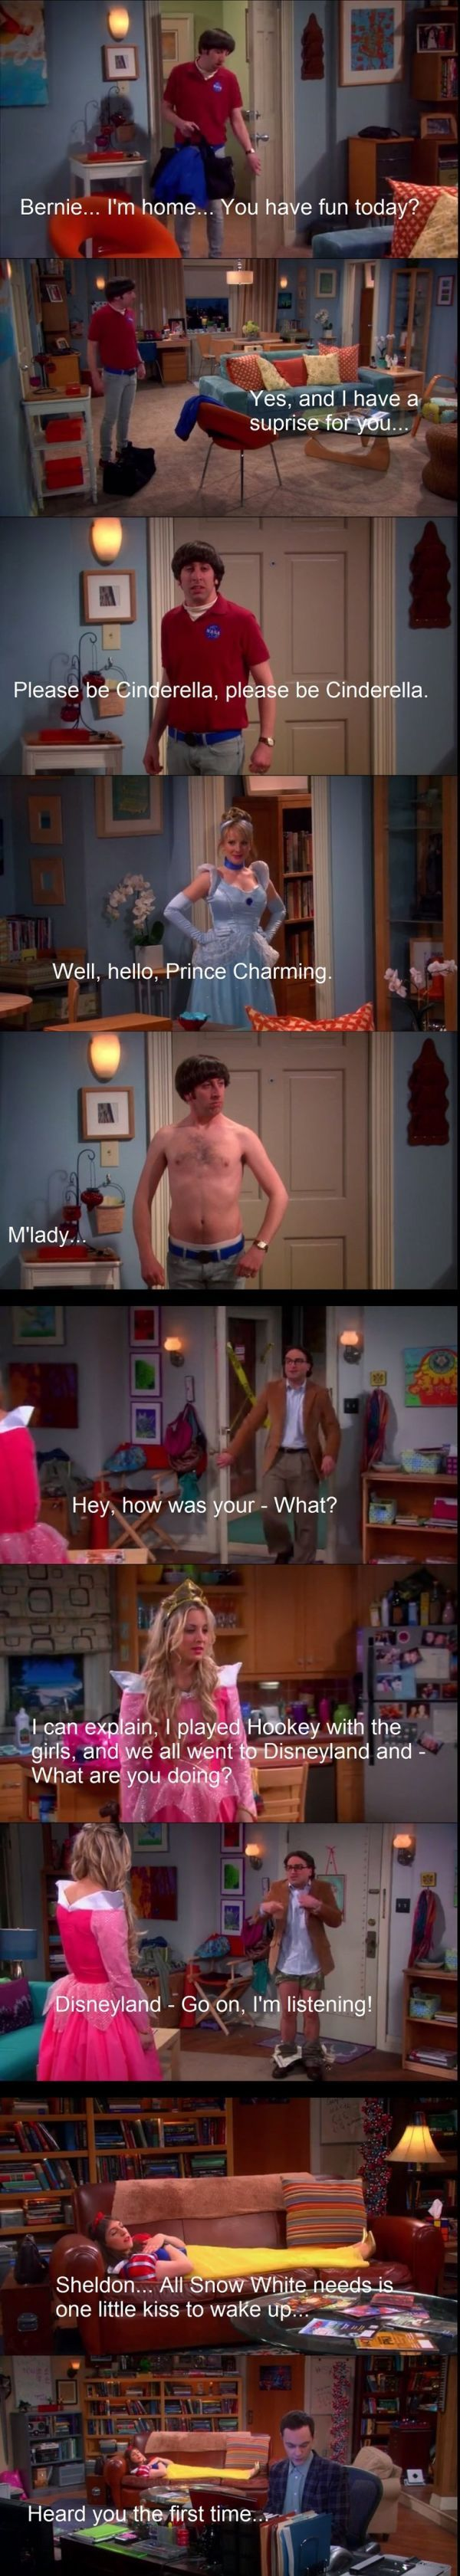 Disneyland Big Bang Theory